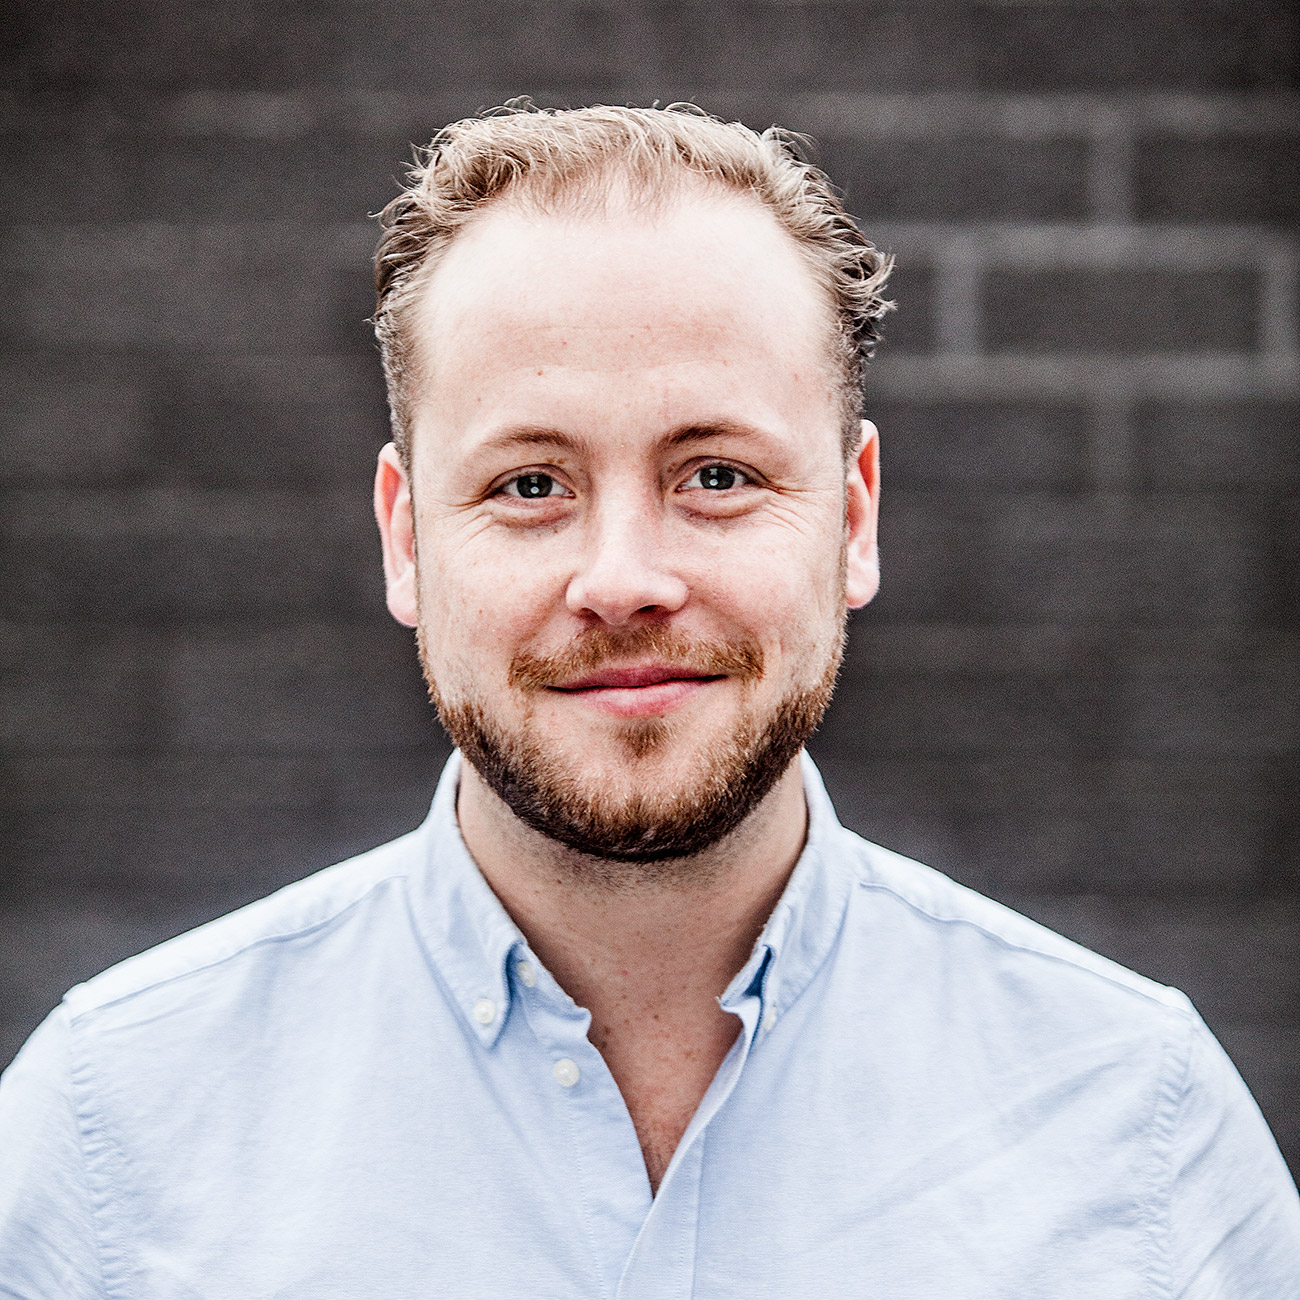 https://dehonneurs.nl/wp-content/uploads/2018/01/joris-kuik.jpg